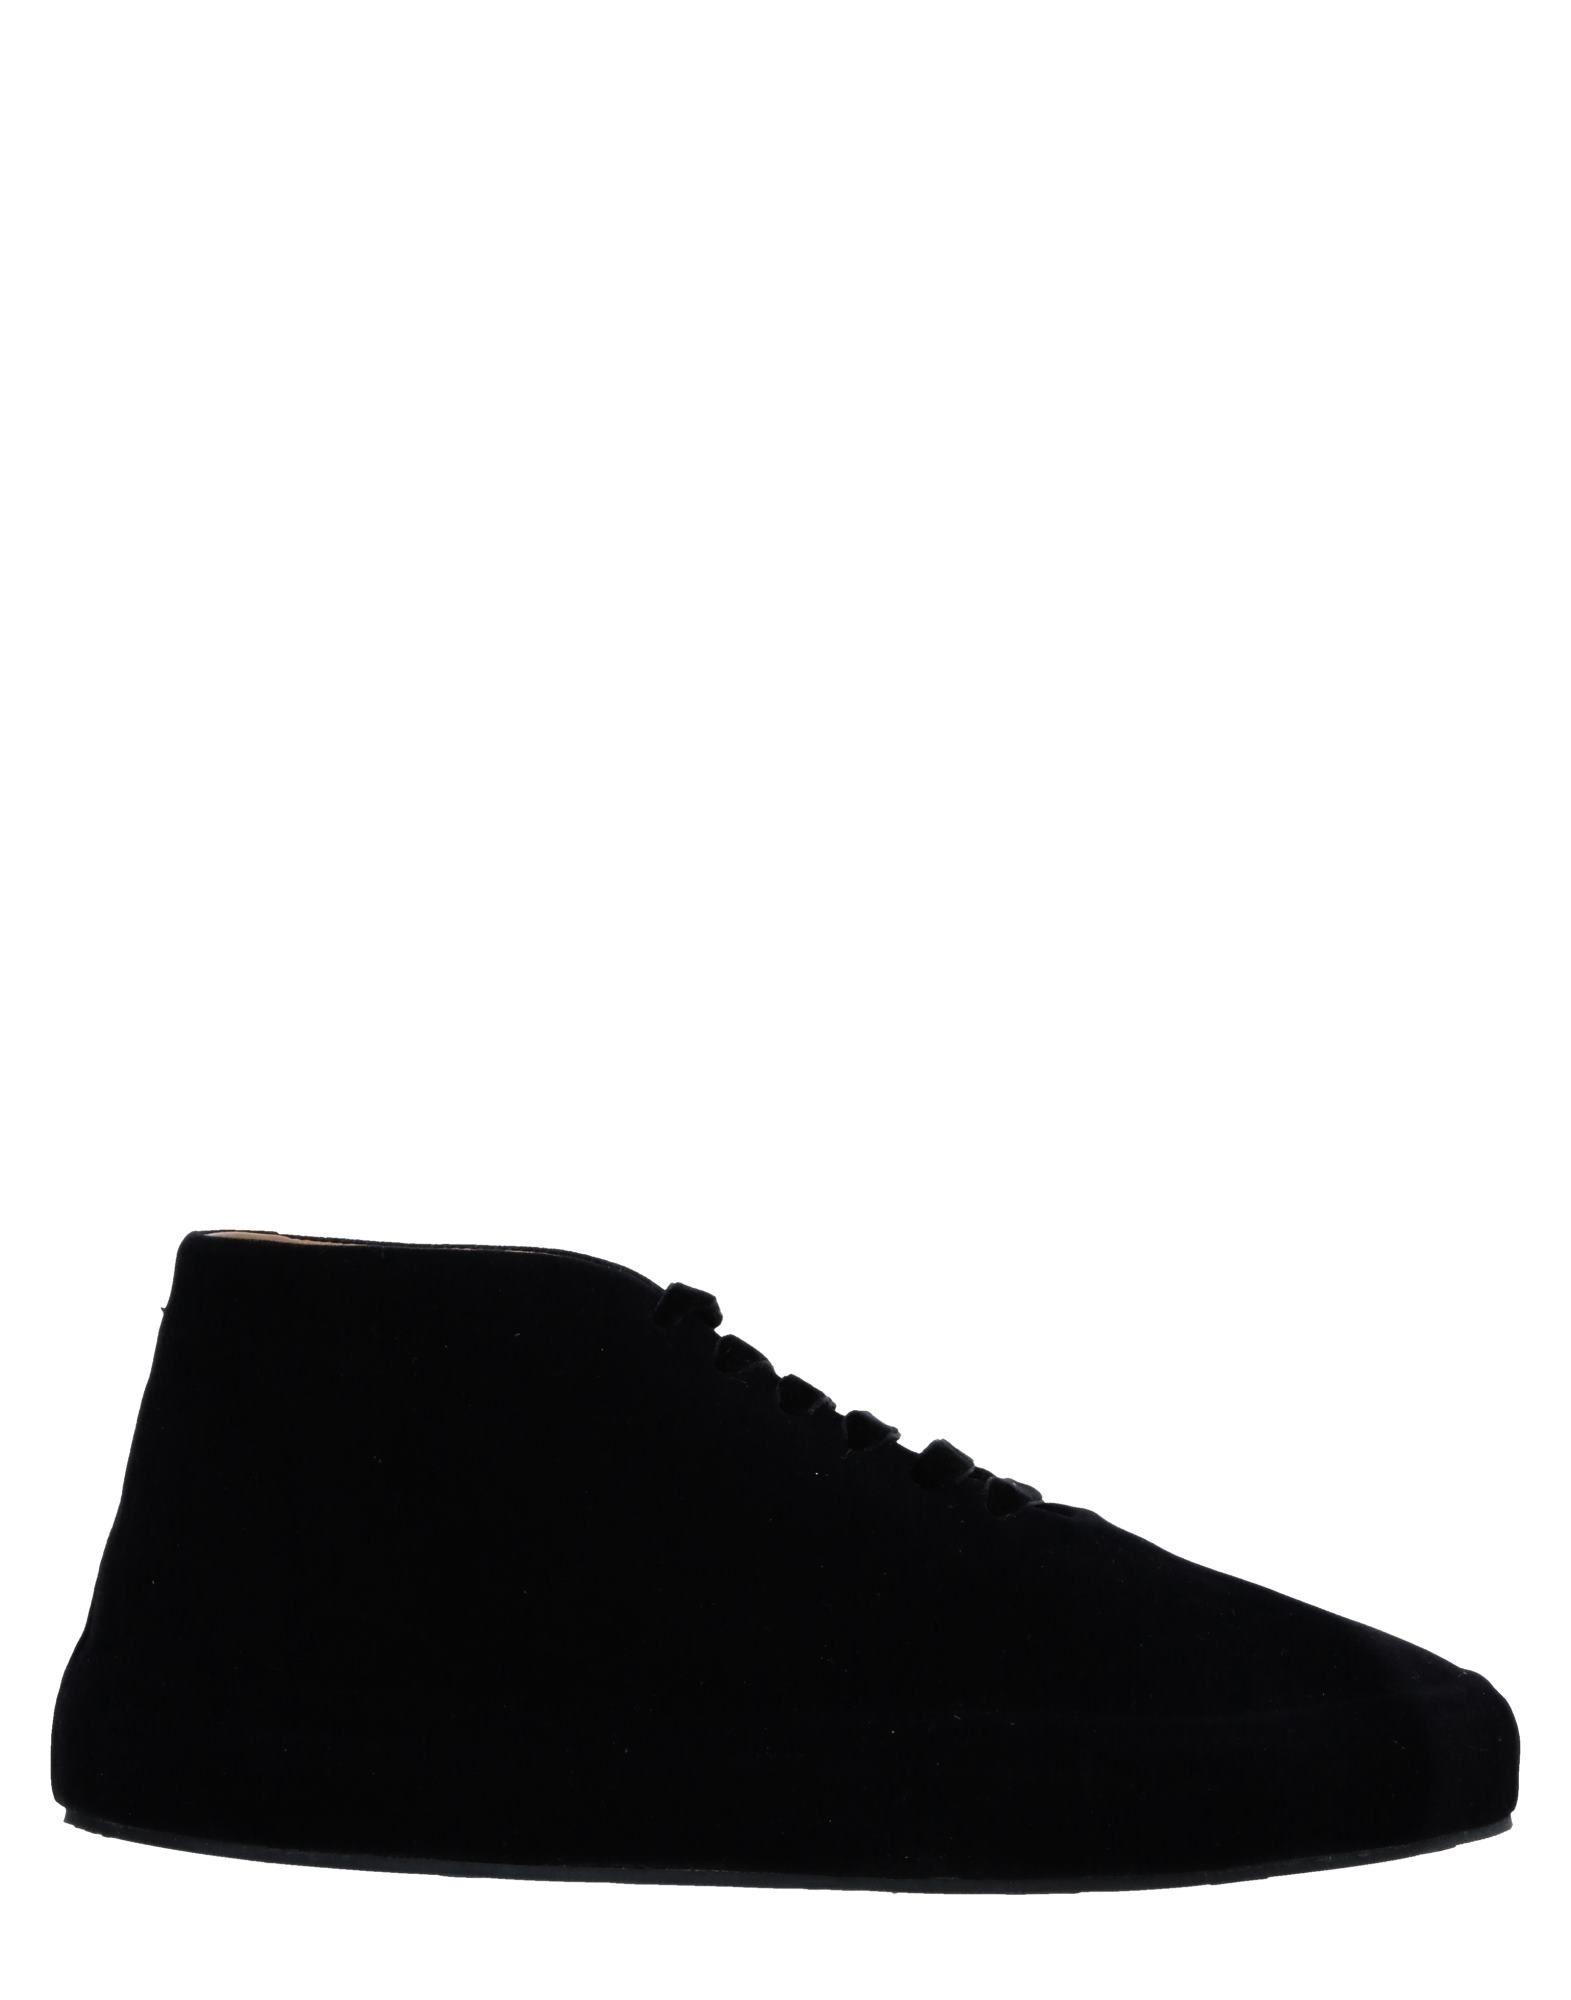 UNONOVECINQUE Sneakers in Black